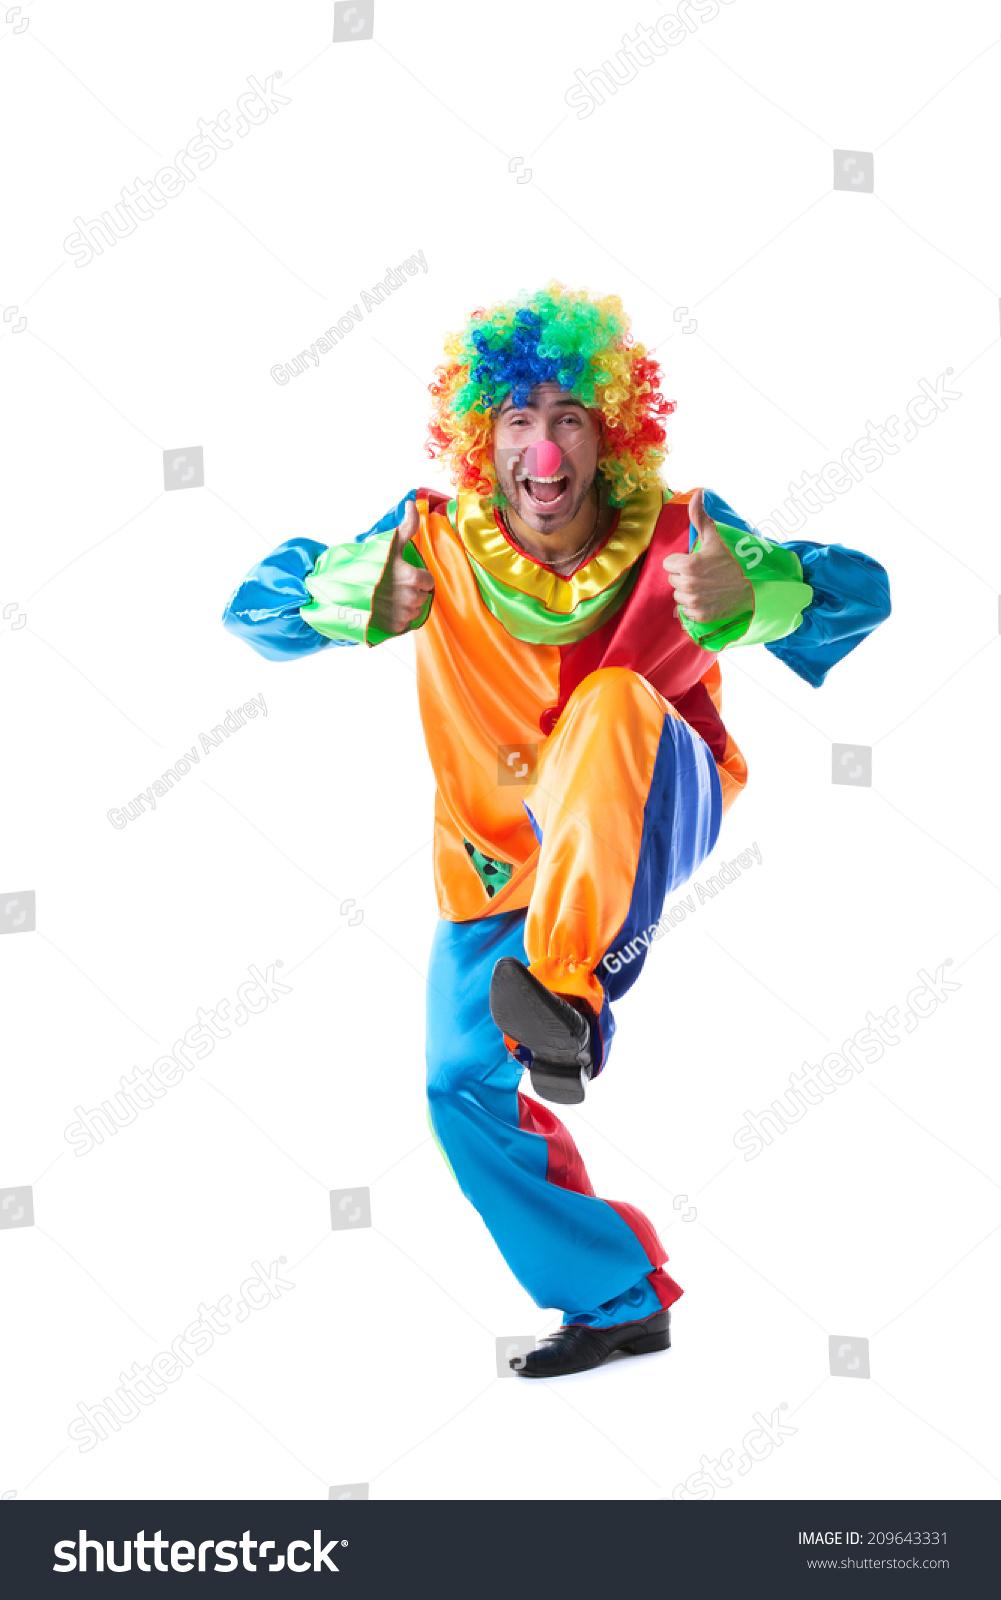 可爱的小丑的形象展示竖起大拇指-人物,美容/时装服饰